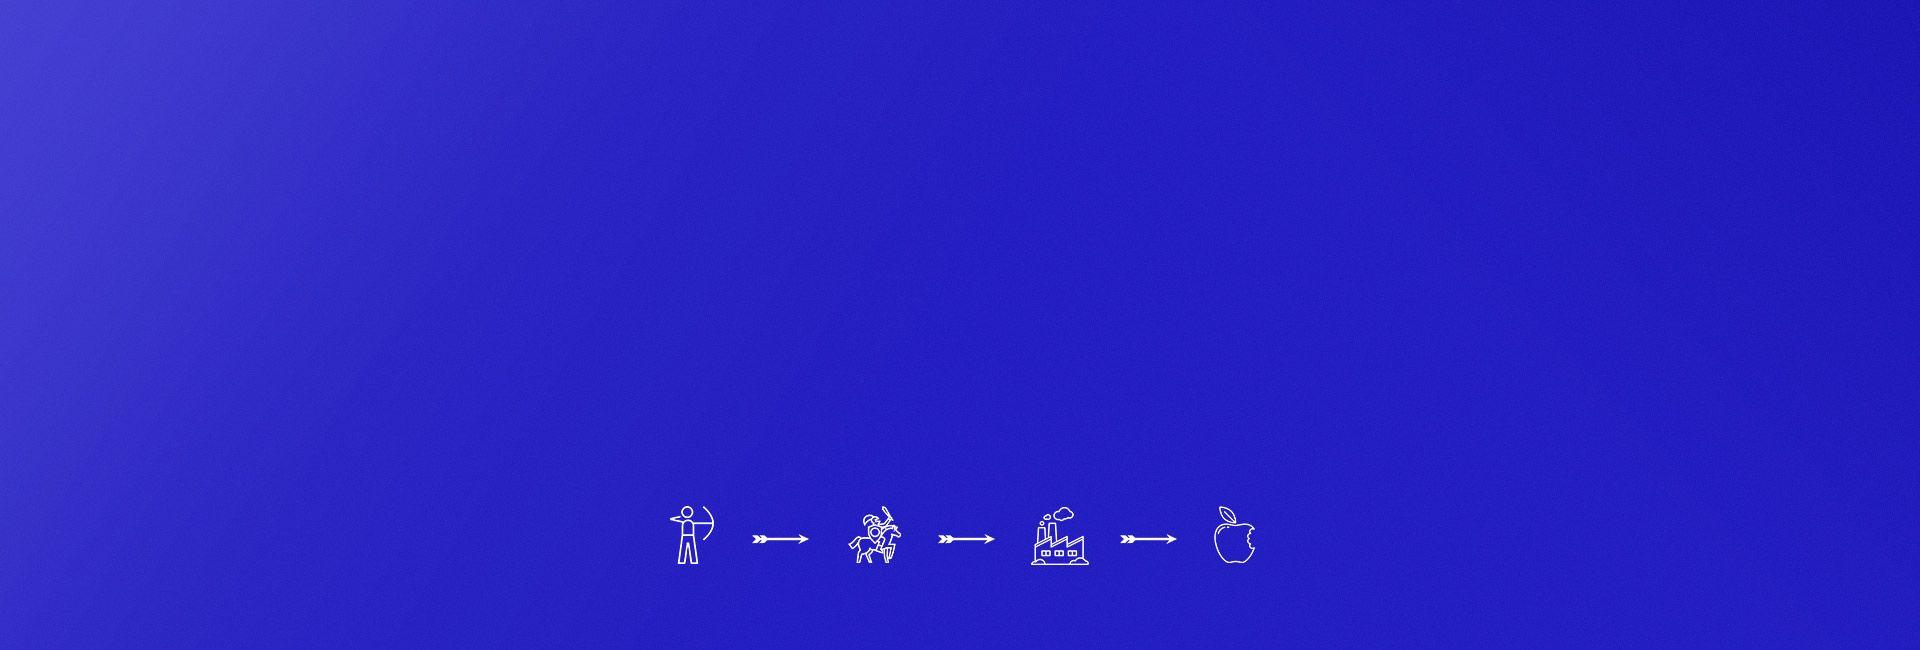 Краткая история появления логотипа